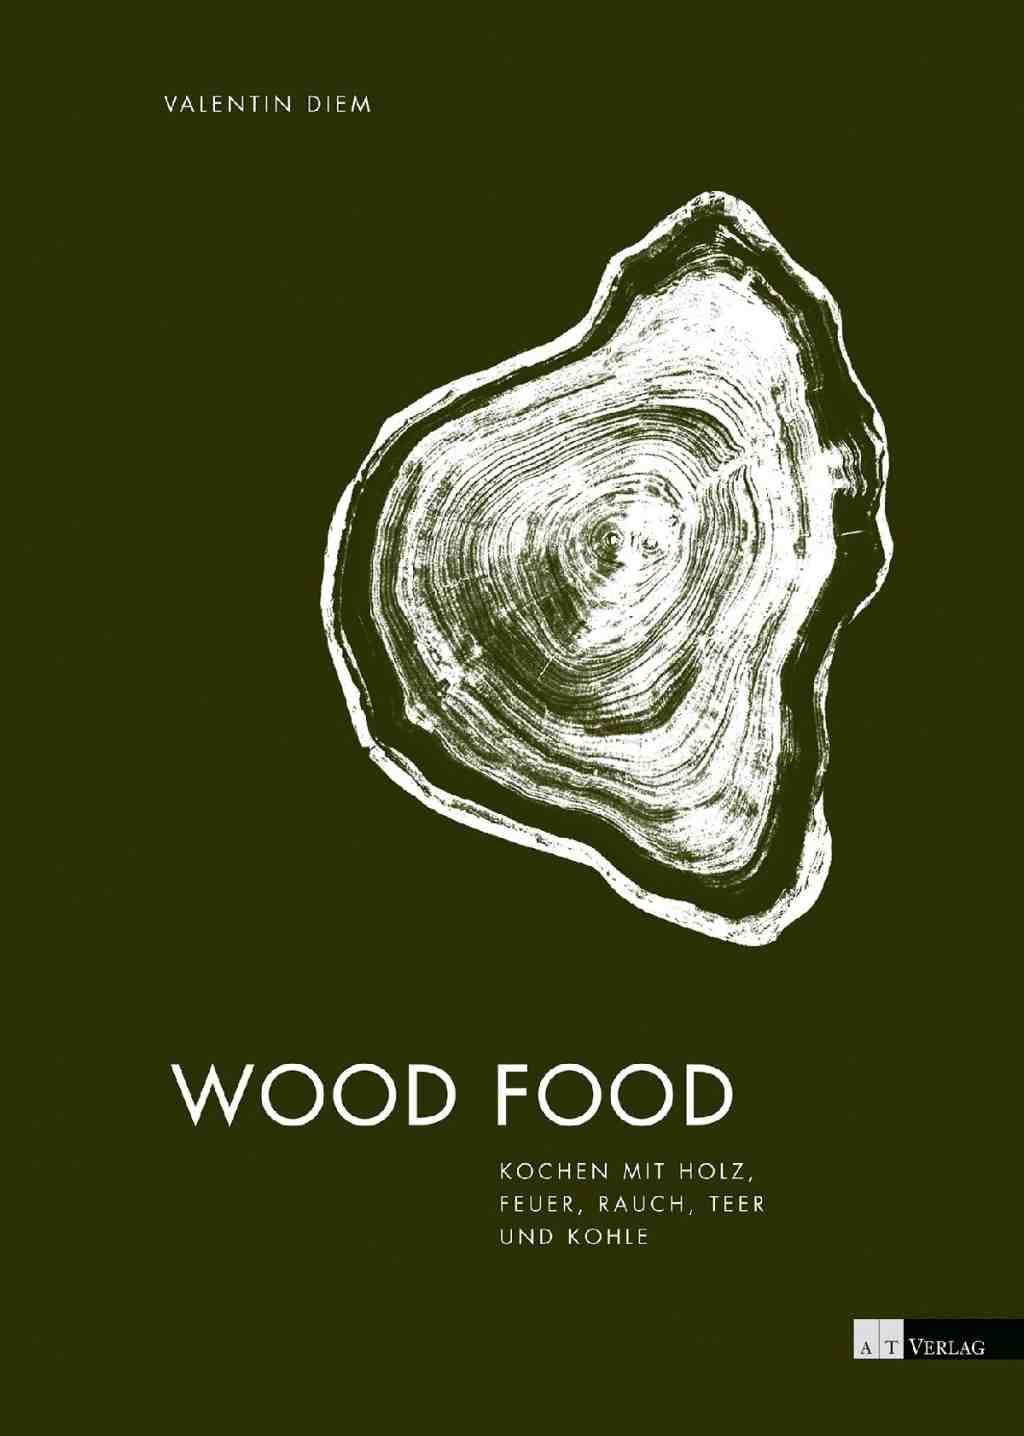 Wood Food Valentien Diem